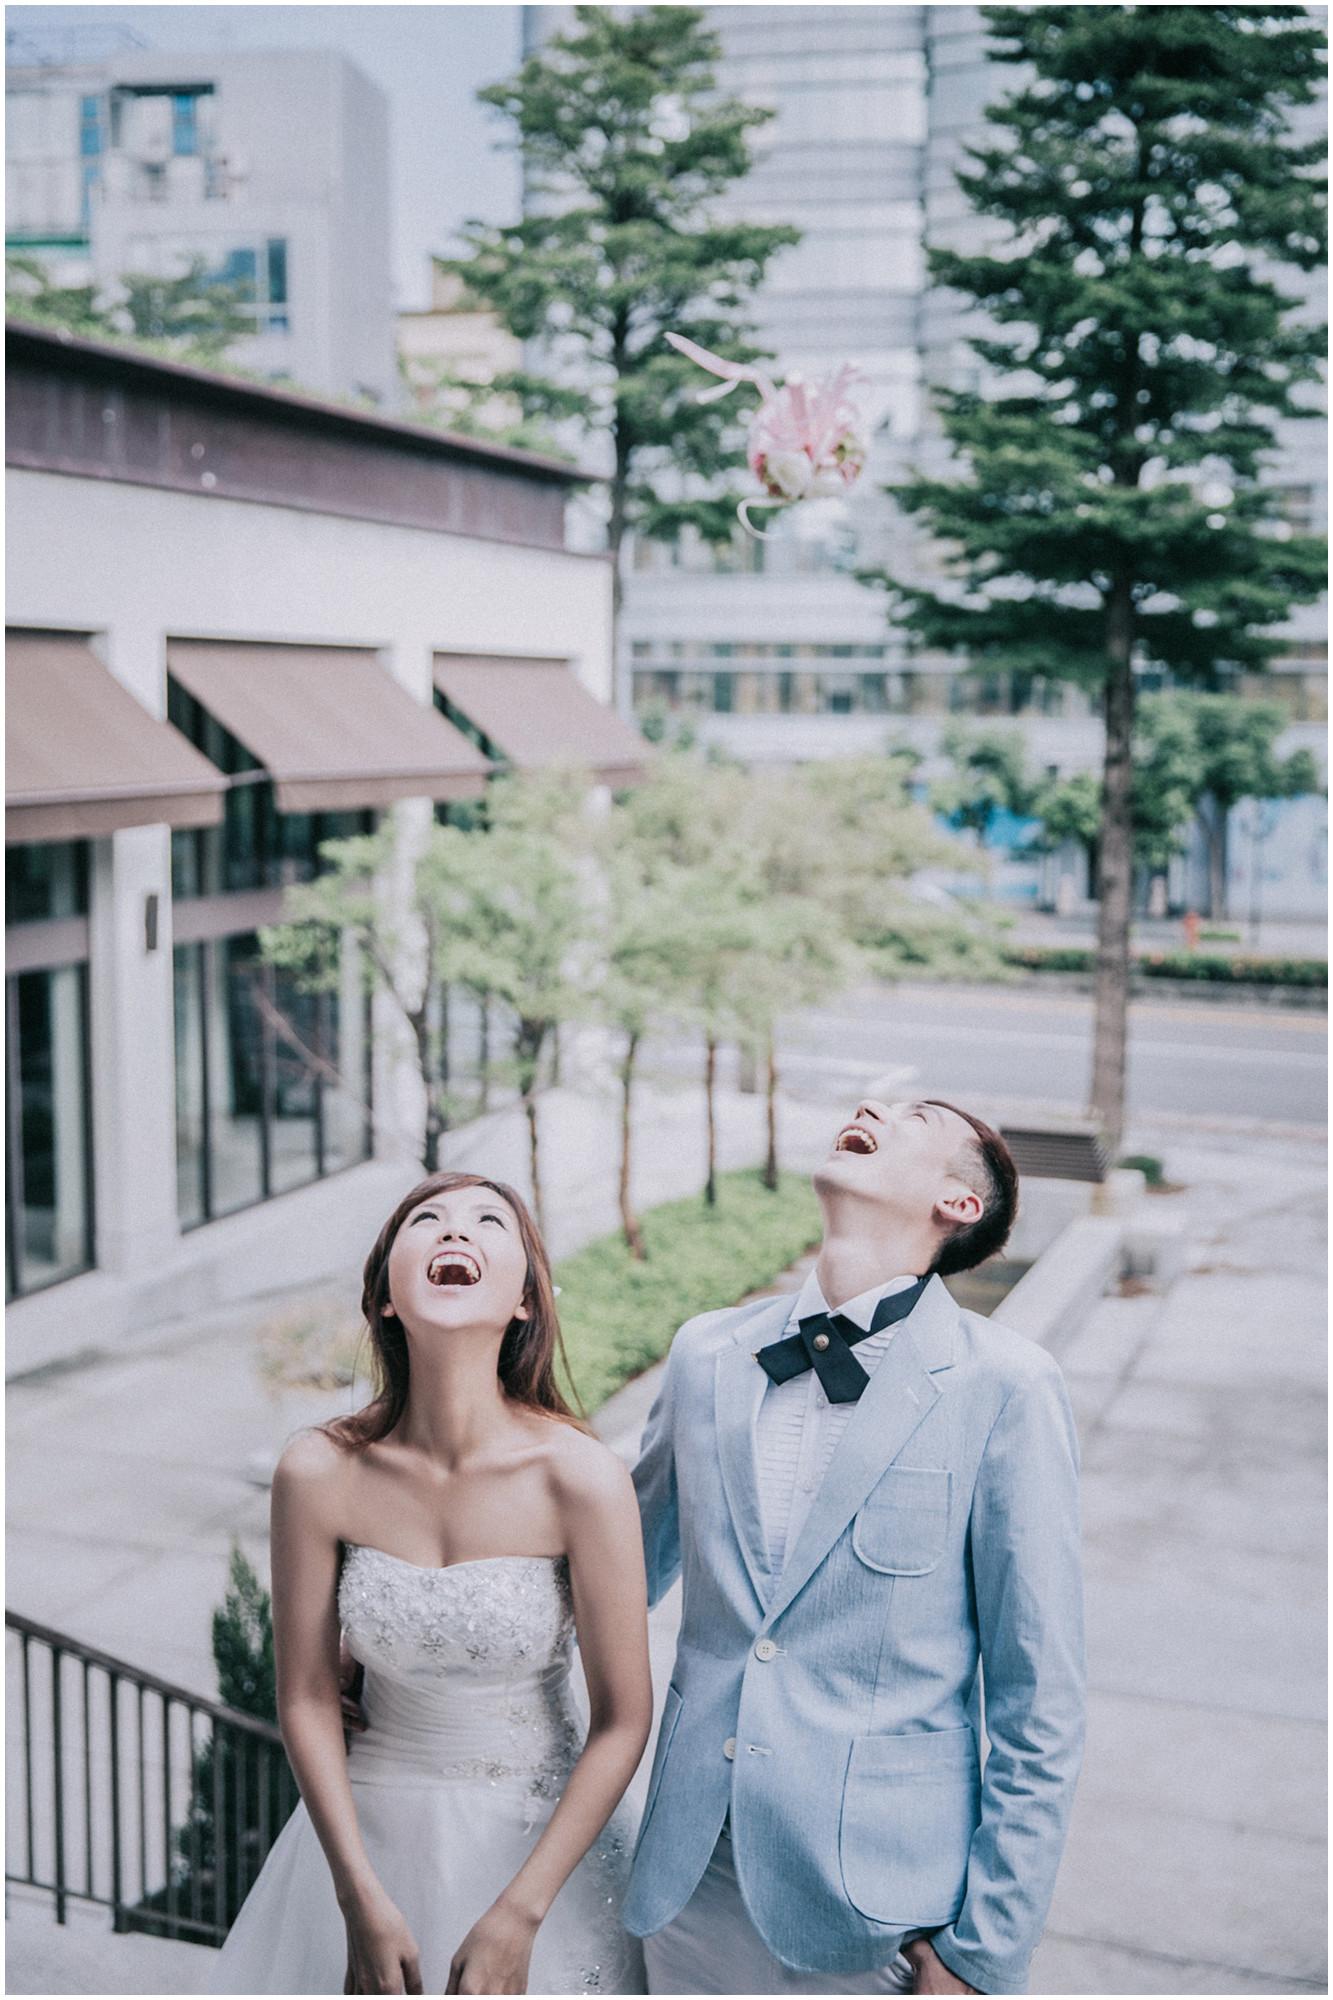 麗庭莊園 / 大佳河濱公園 / 金色三麥 / 素人婚紗